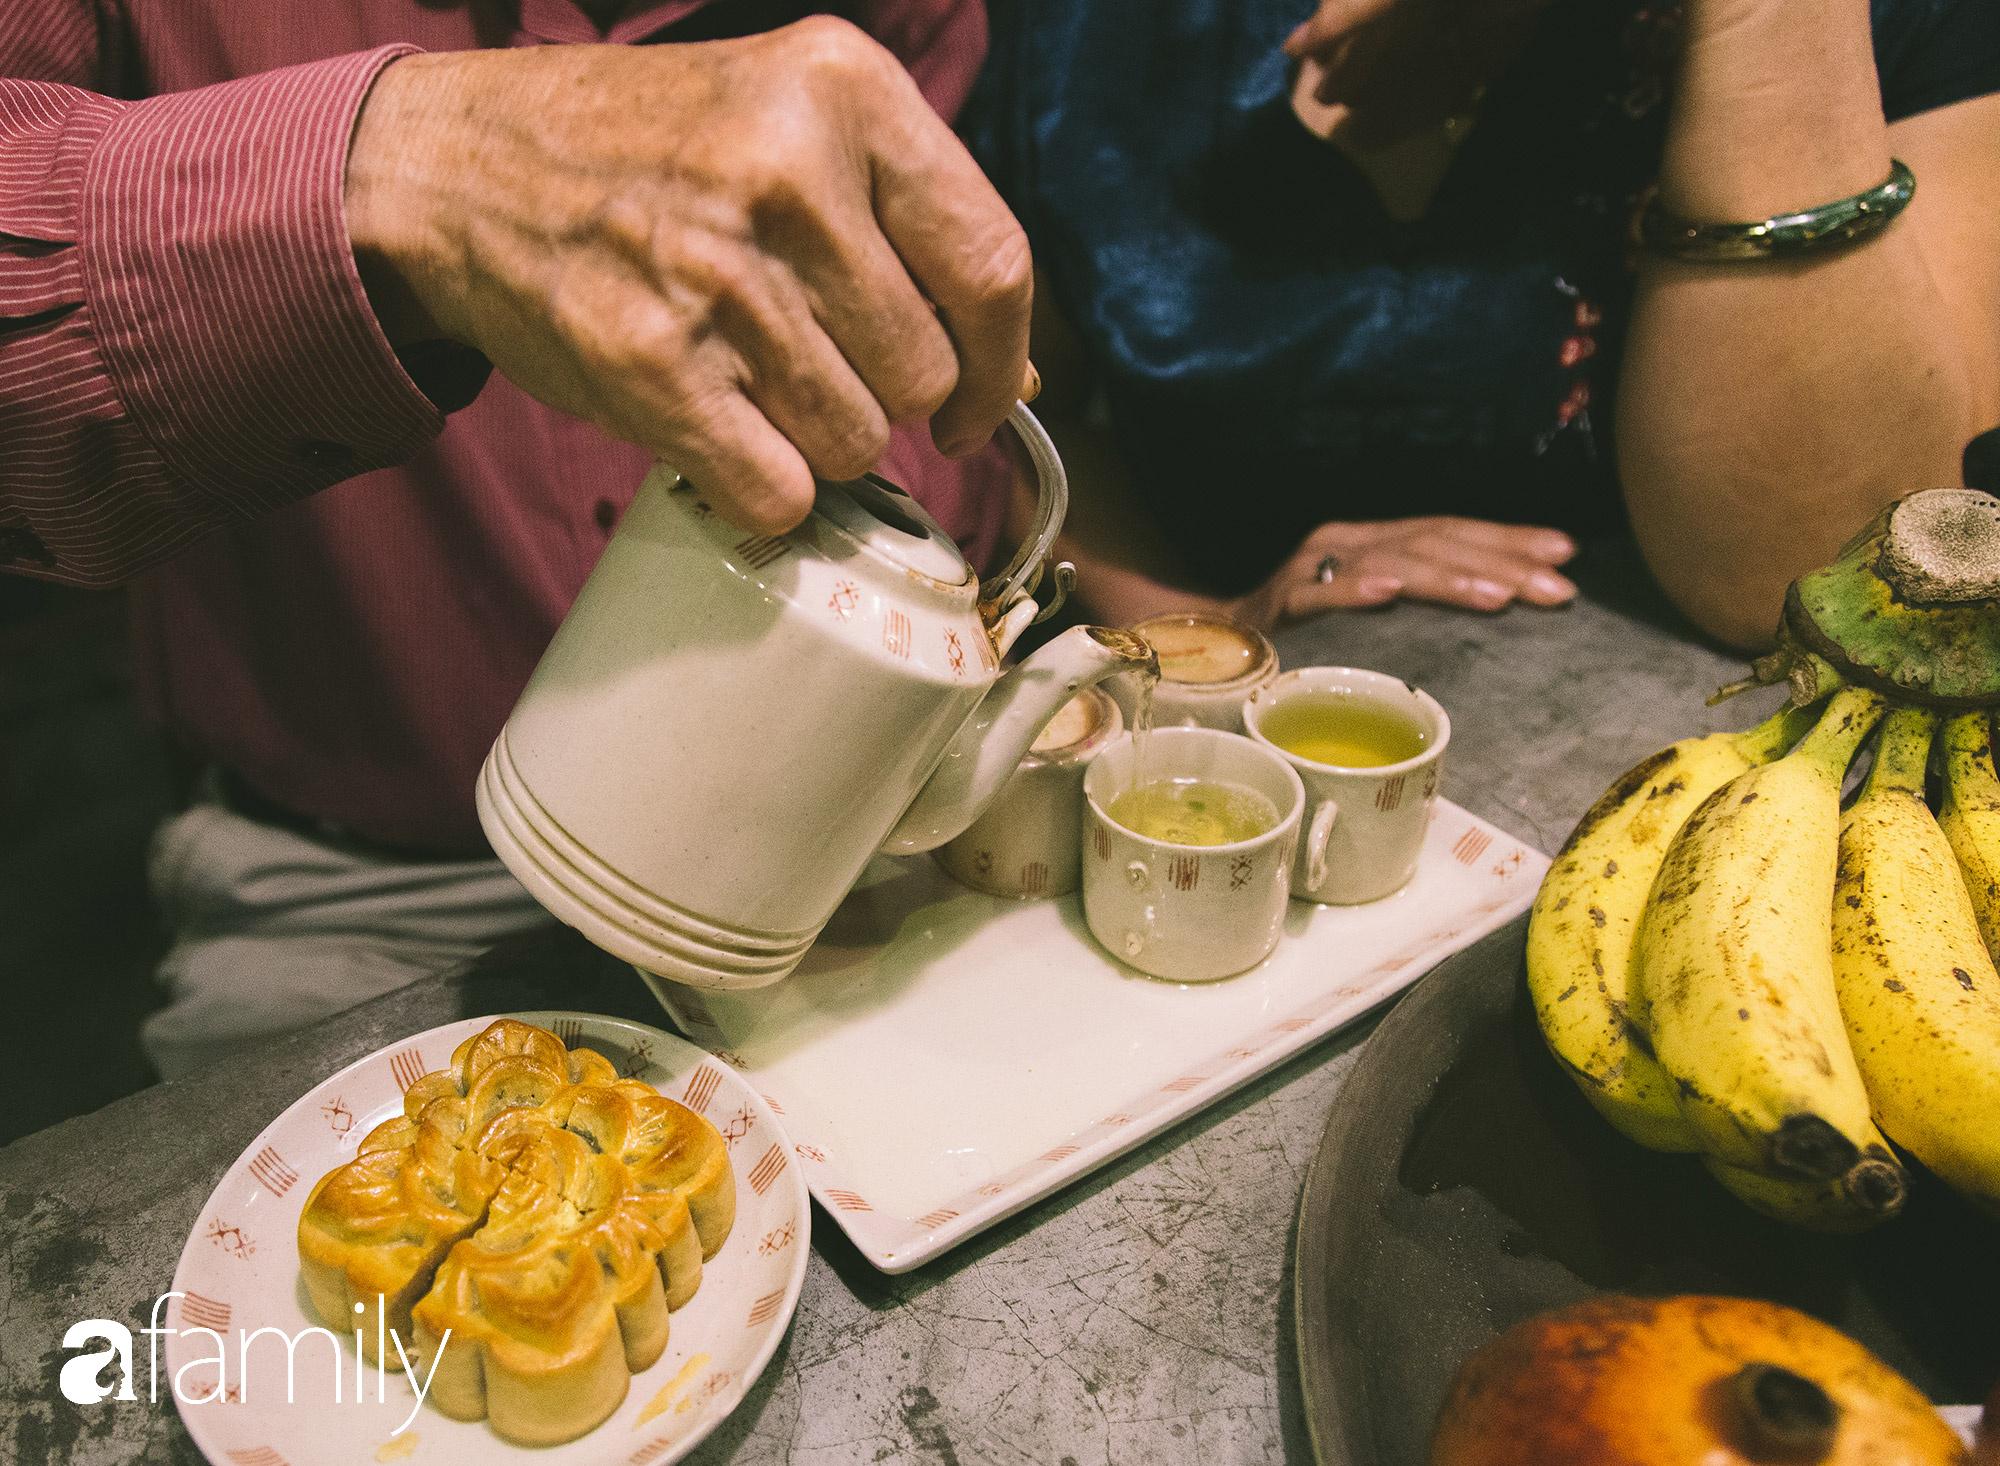 Cứ đến độ tháng Tám, thấy bánh Trung Thu là rạo rực như thể sắp được về nhà ngắm trăng với gia đình - Ảnh 9.